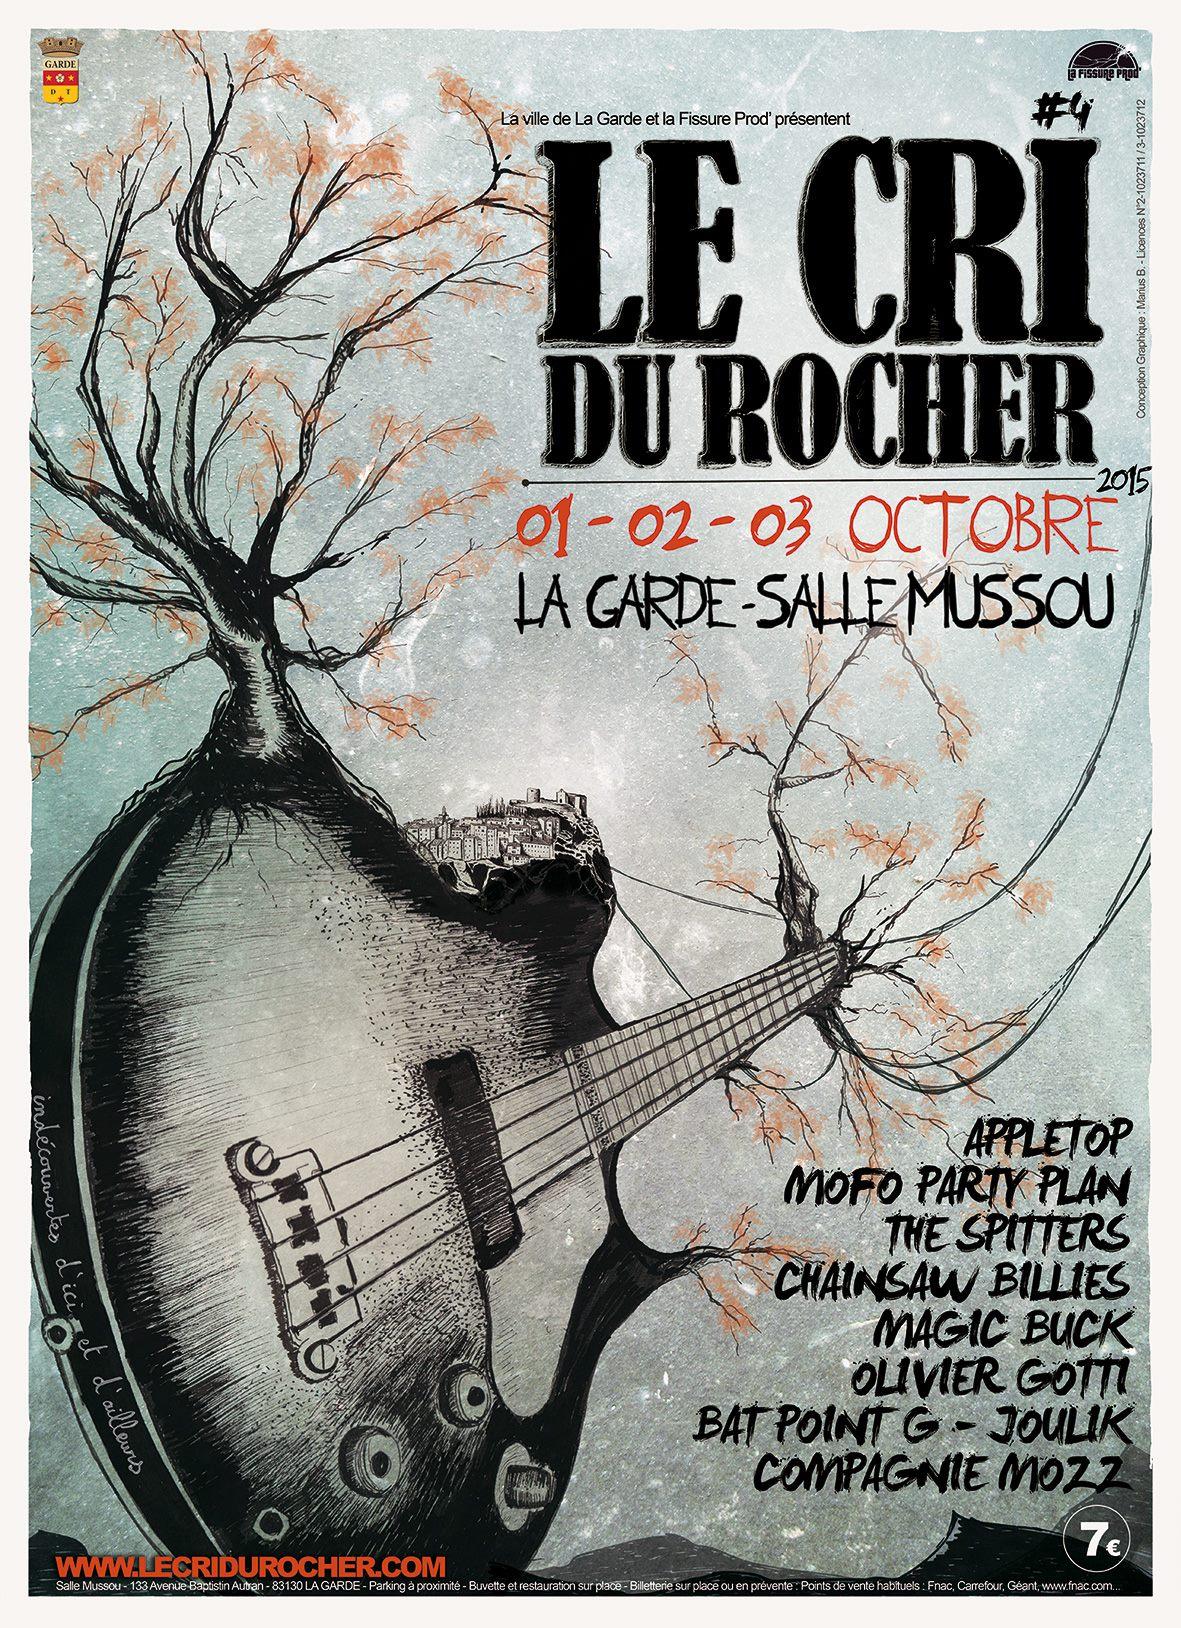 CriRocher2015